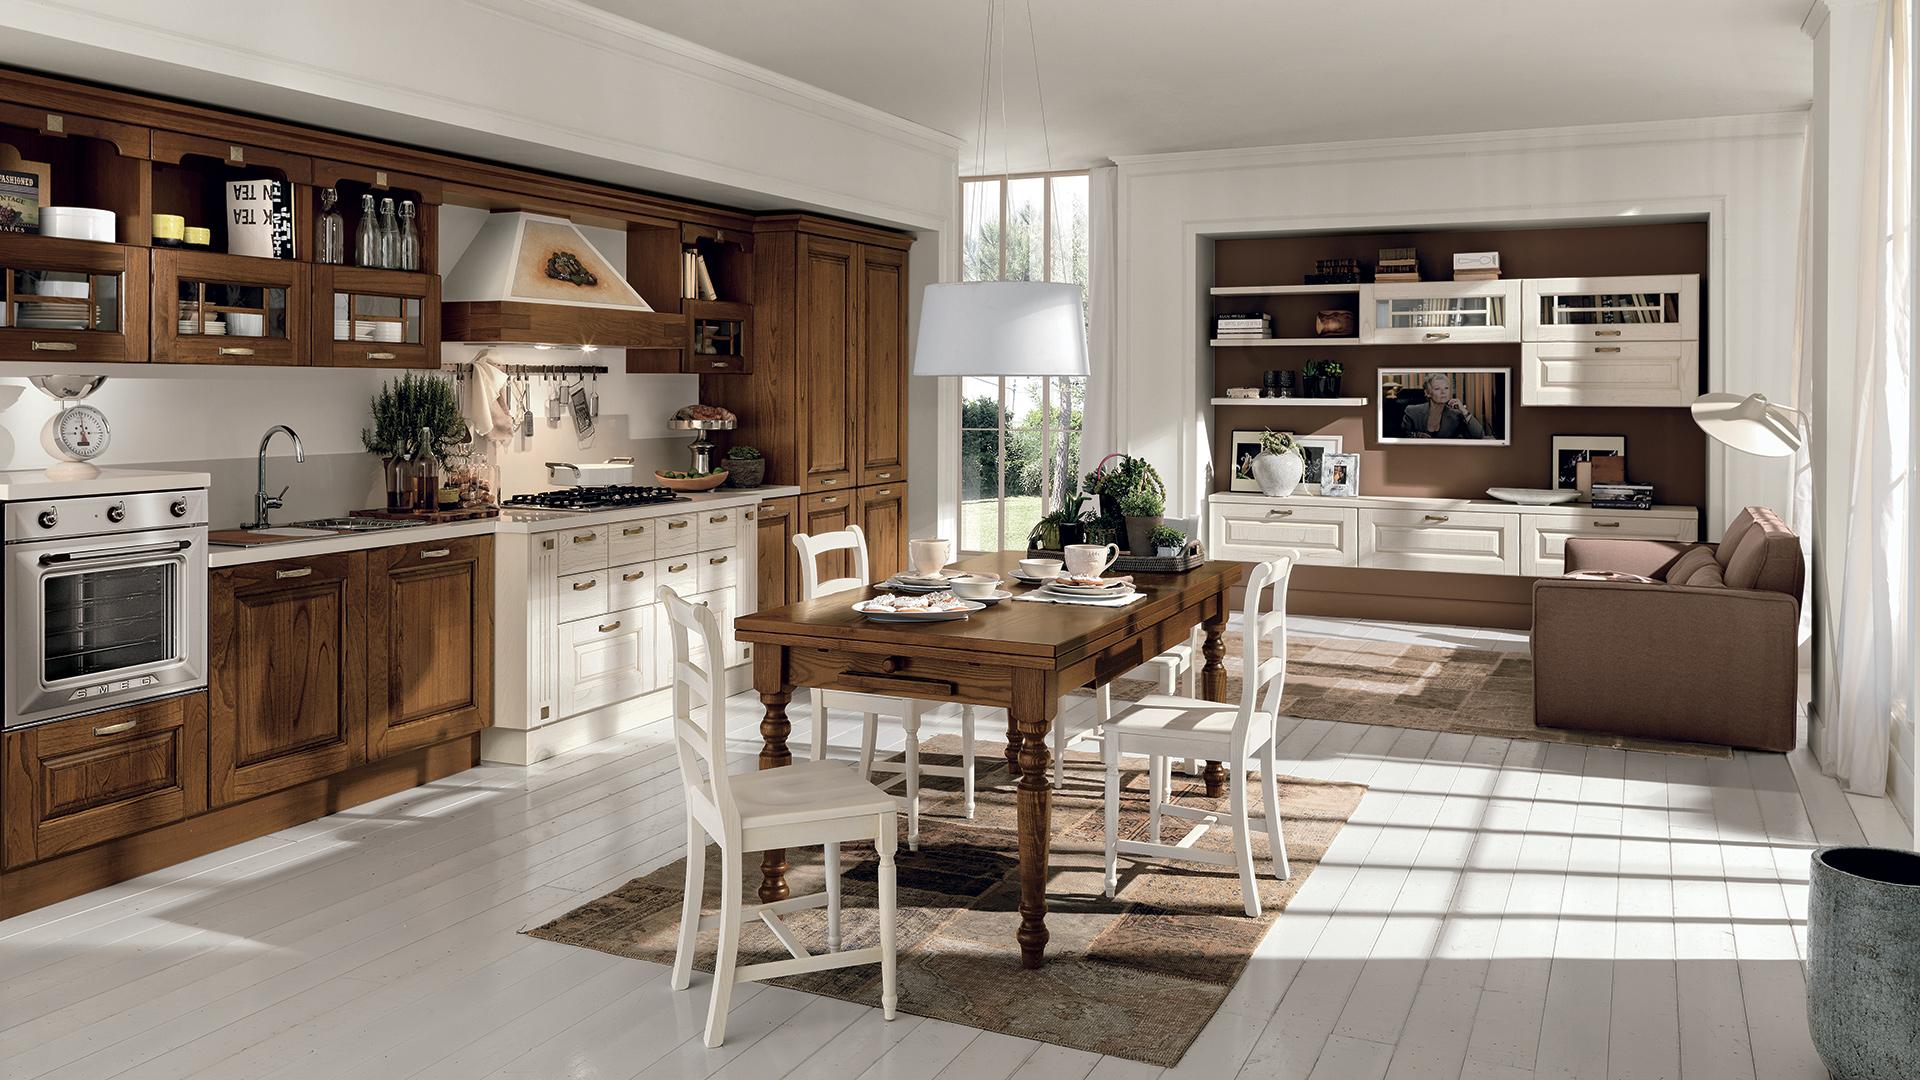 Cucina Classica Lube Laura - Arredamenti Lupo